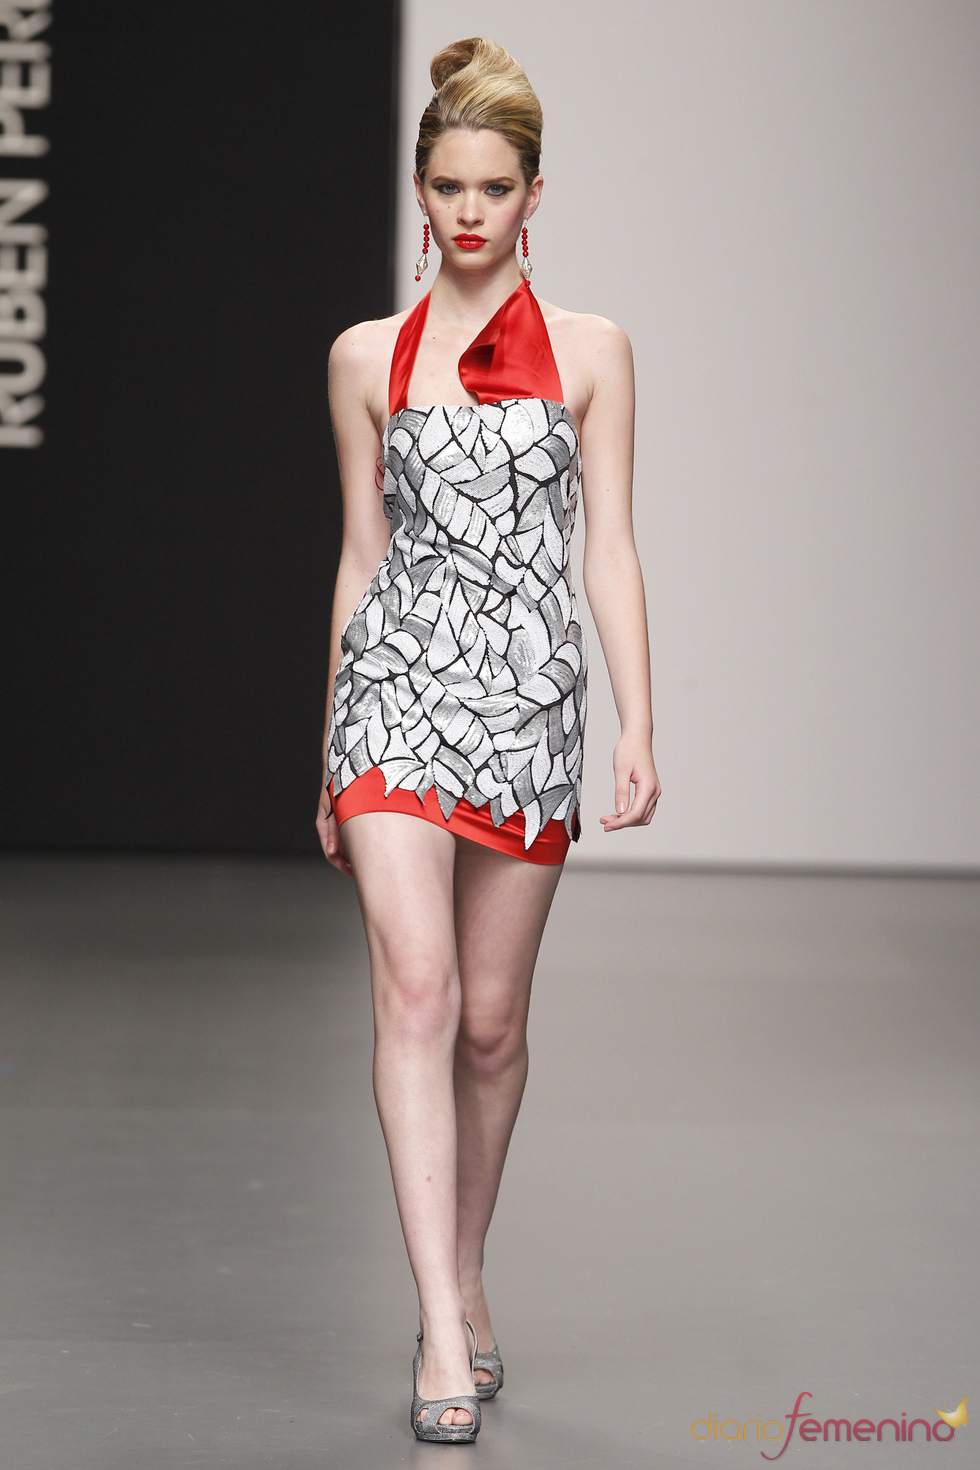 Vestido de fiesta gris y rojo de Rubén Perlotti